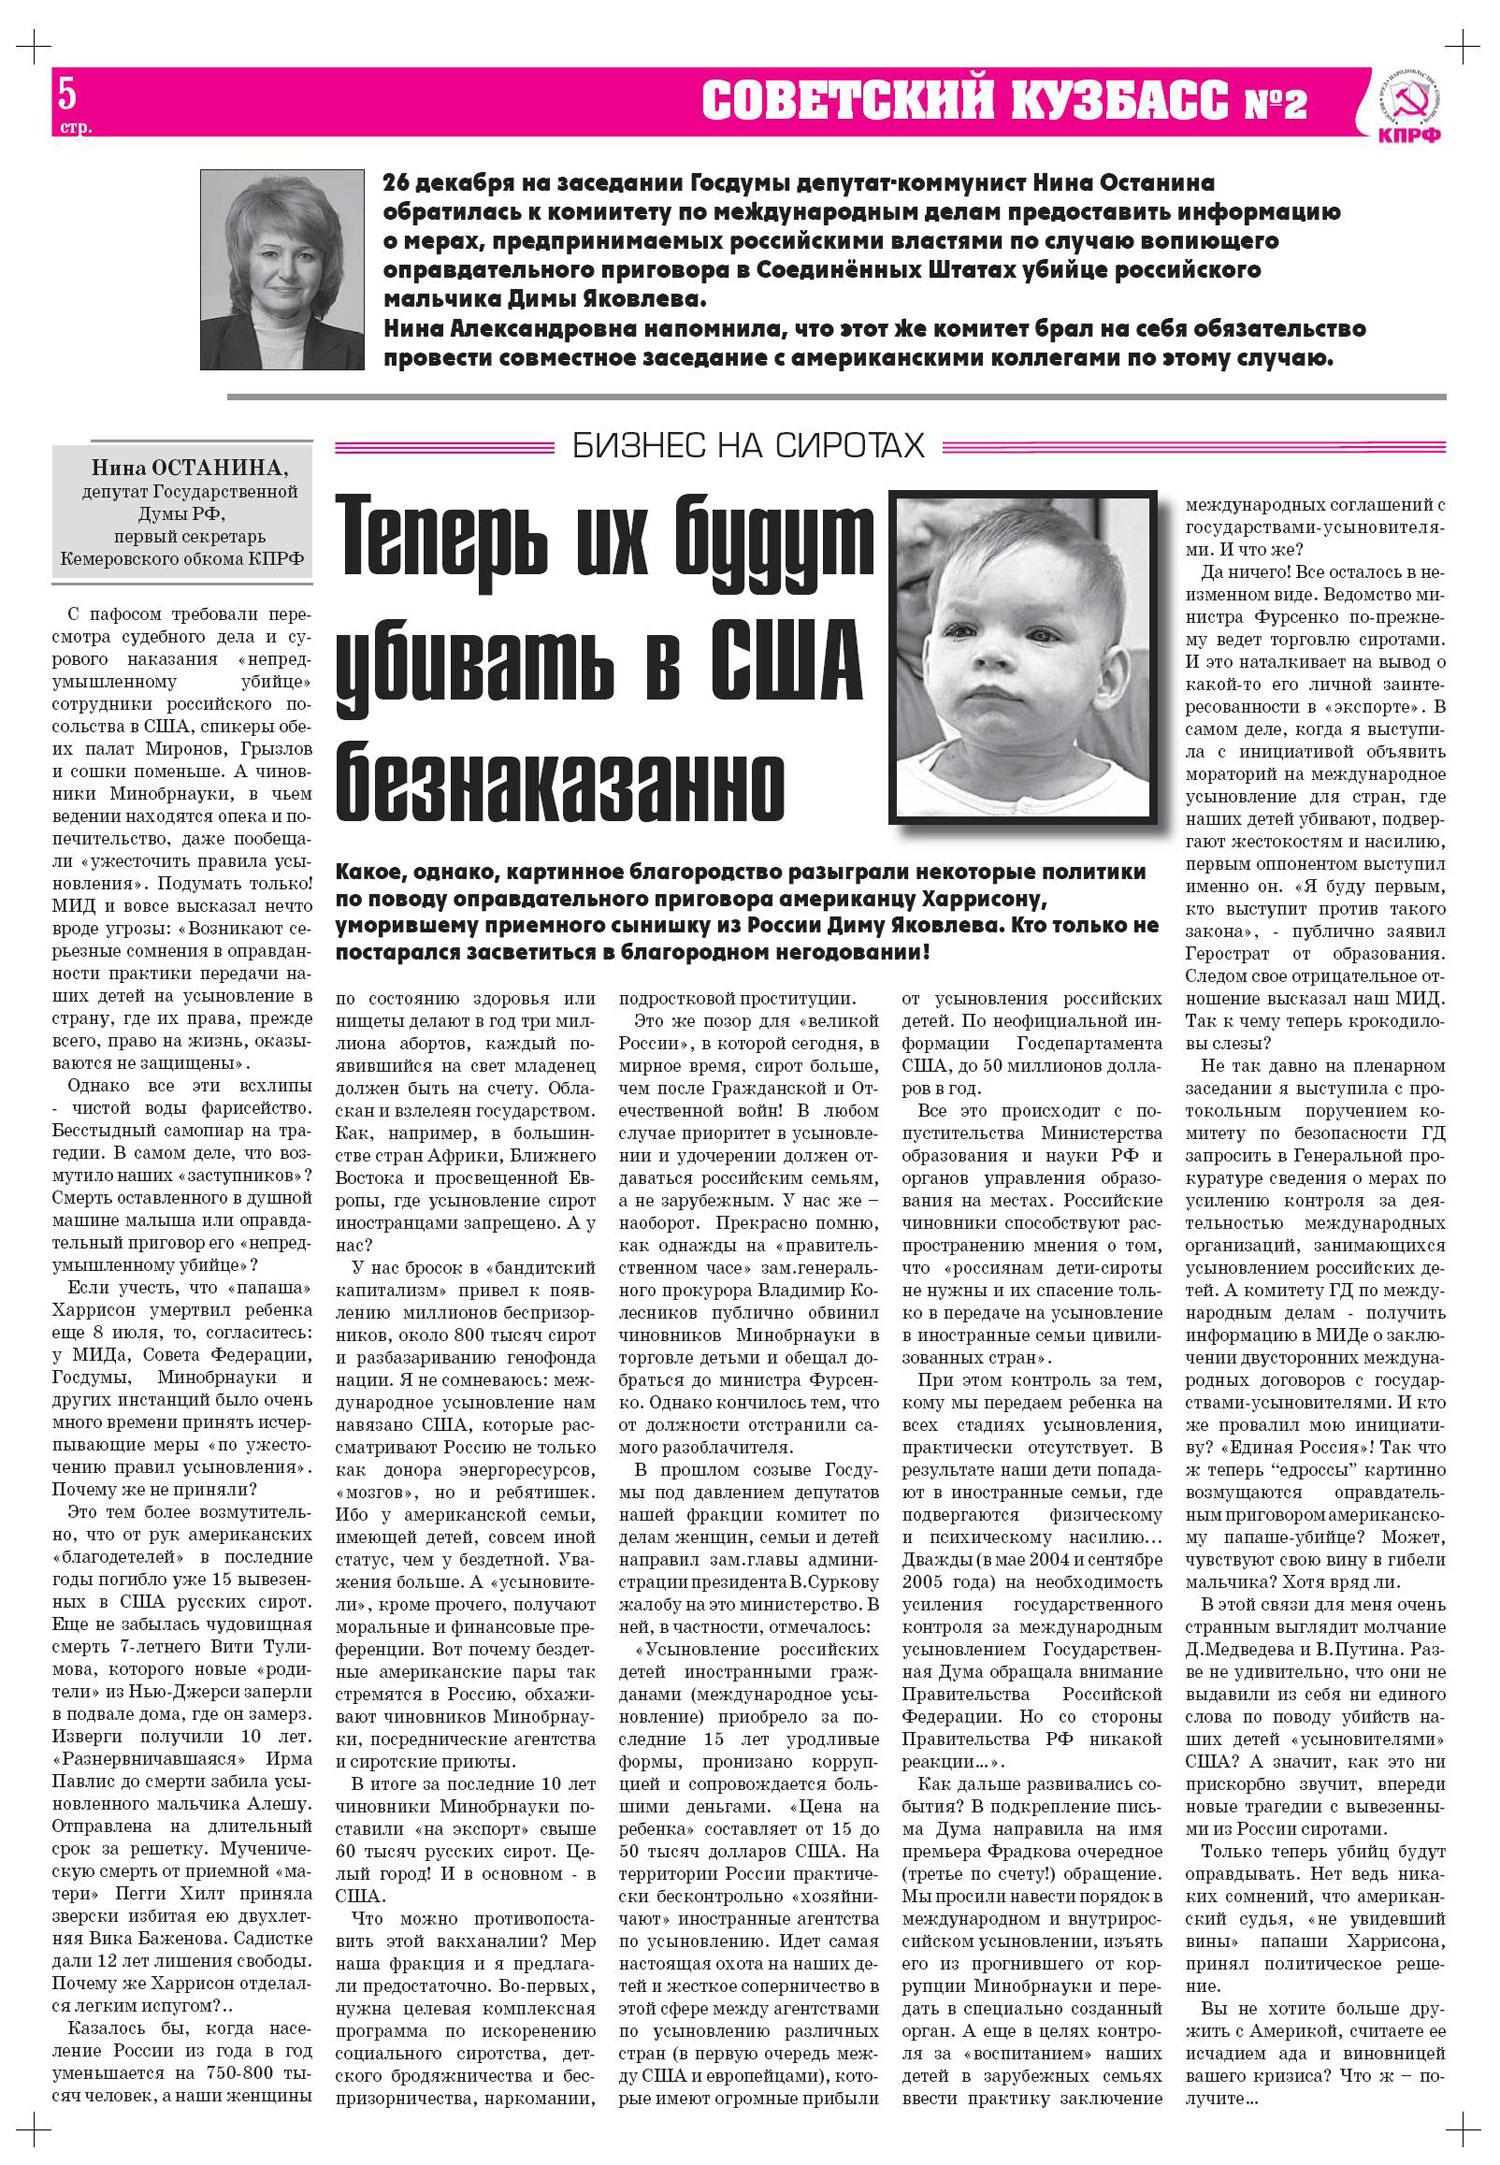 отнял закон димы яковлева усыновление детей иностранными гражданами Диаспар достиг